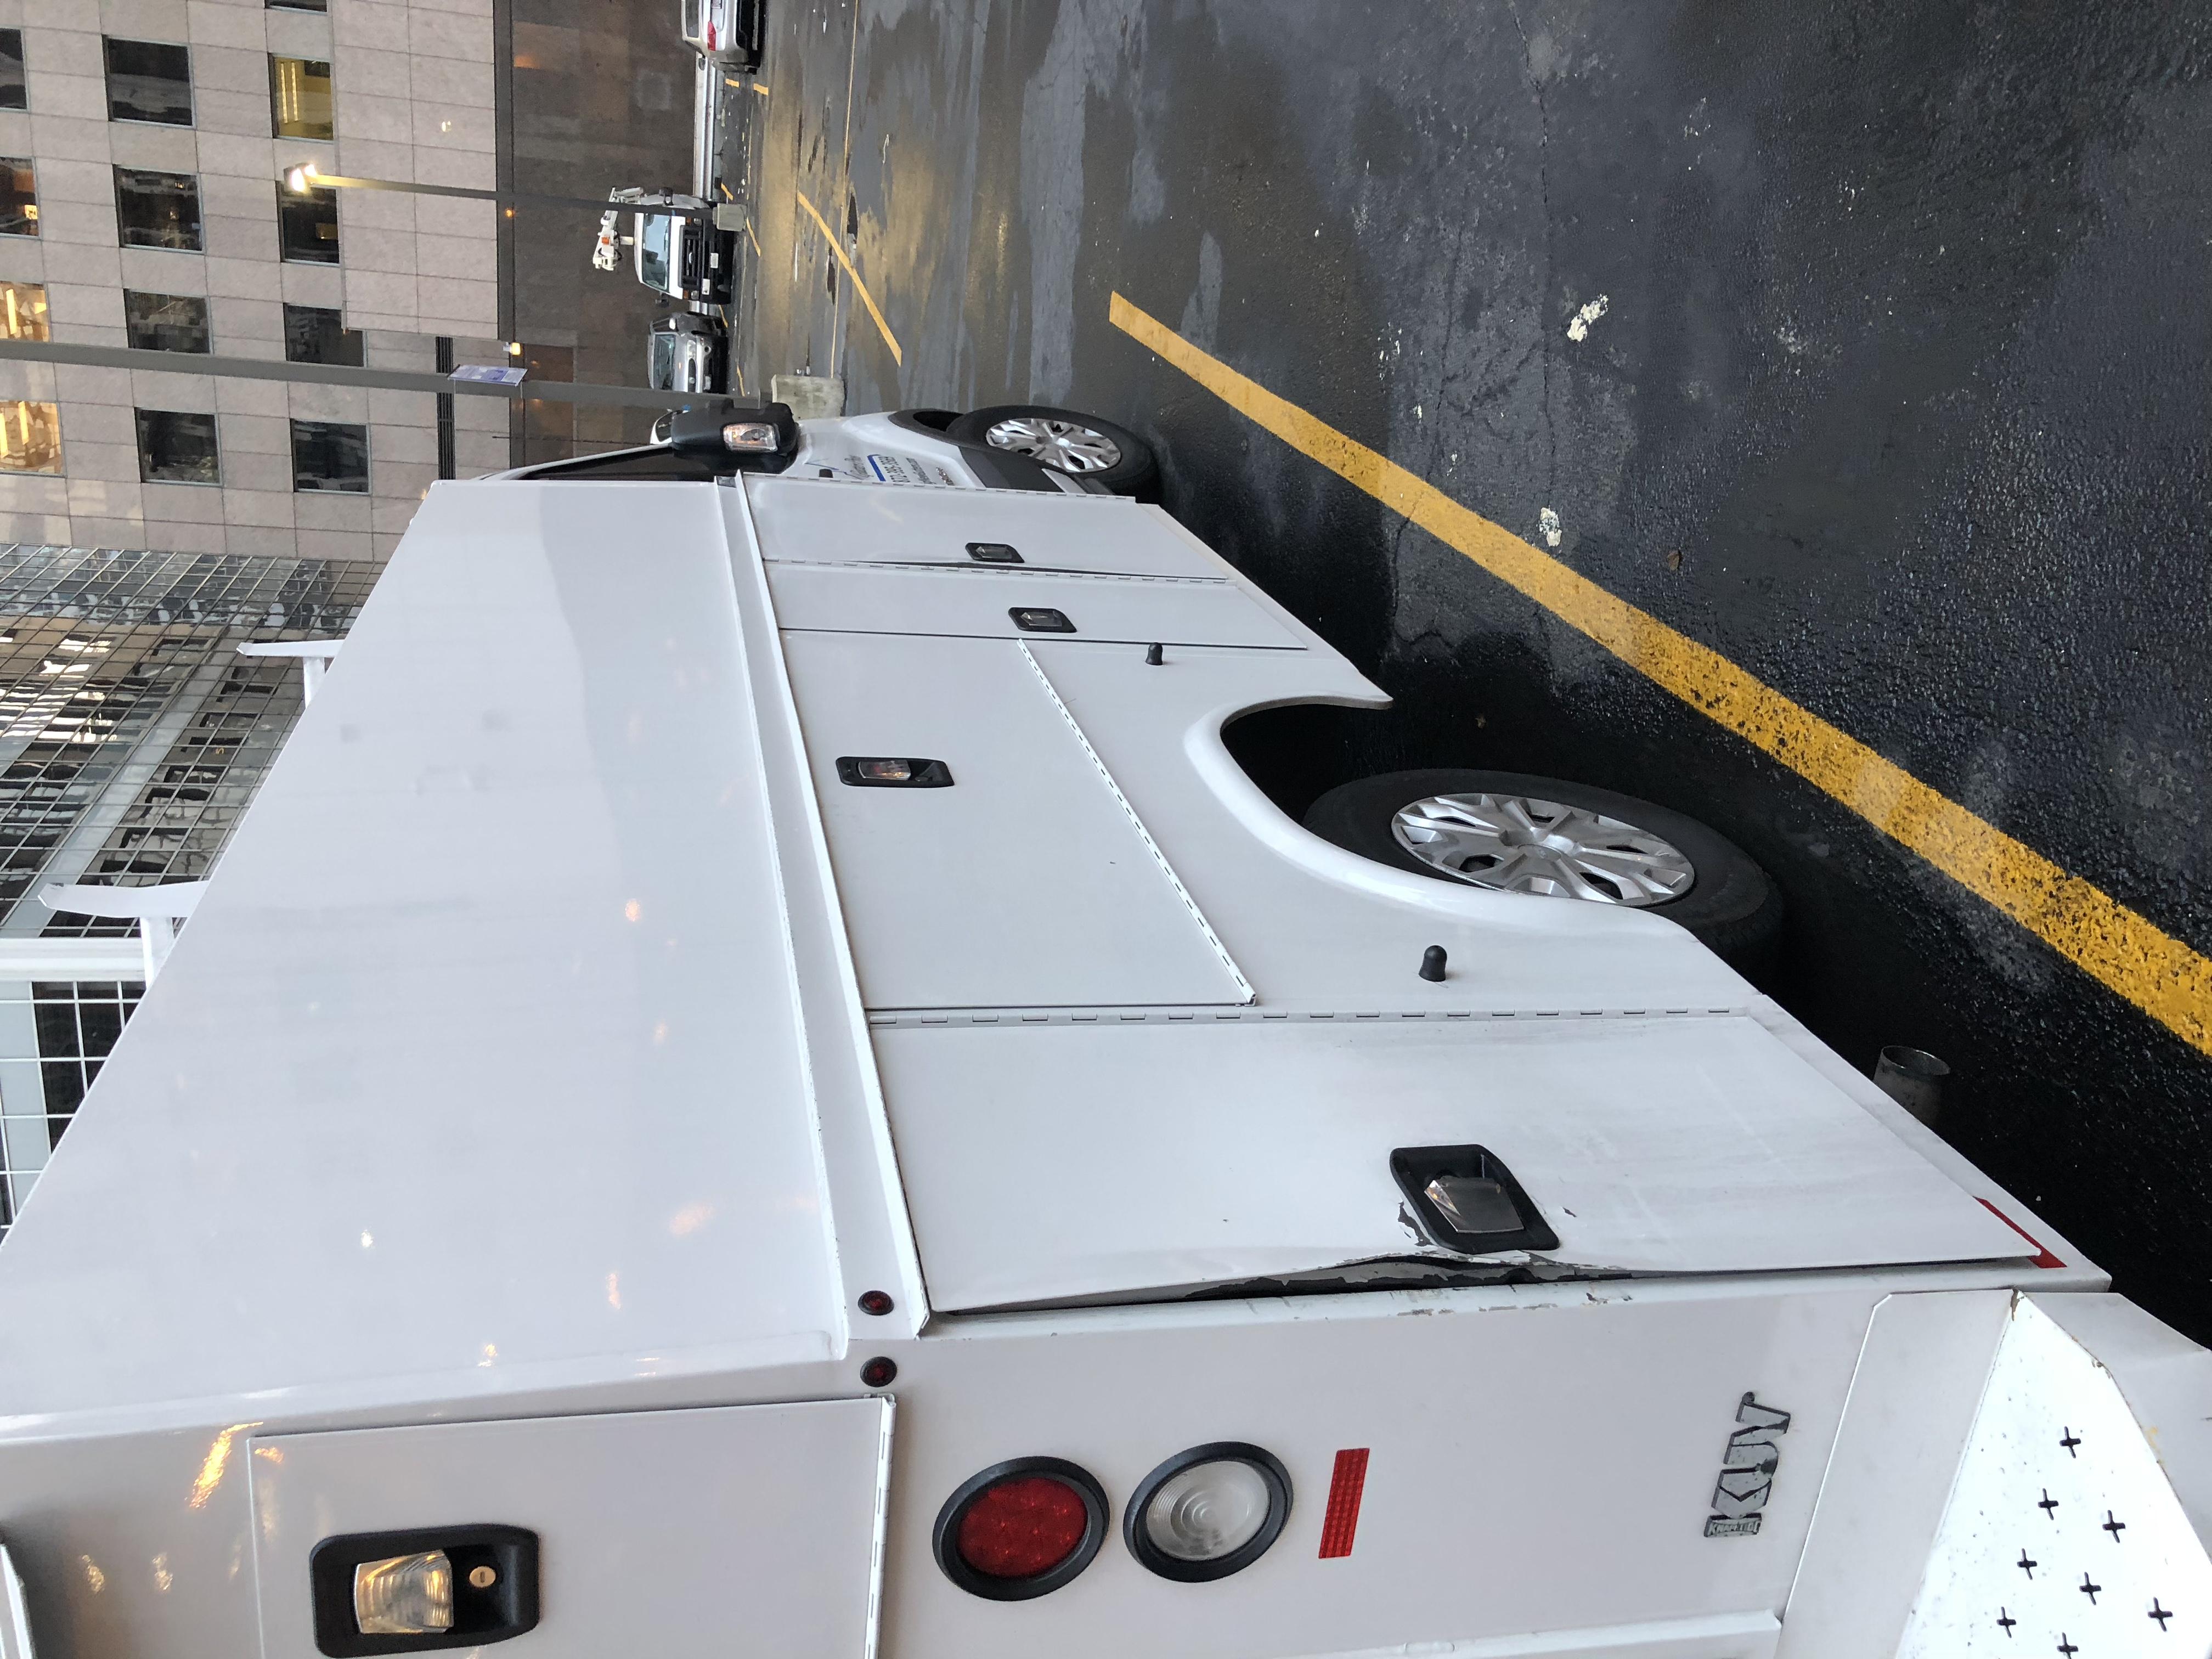 Tools stolen, truck nearly destroyed.-a886d819-75f9-4ba0-80de-e50e1c787733.jpeg